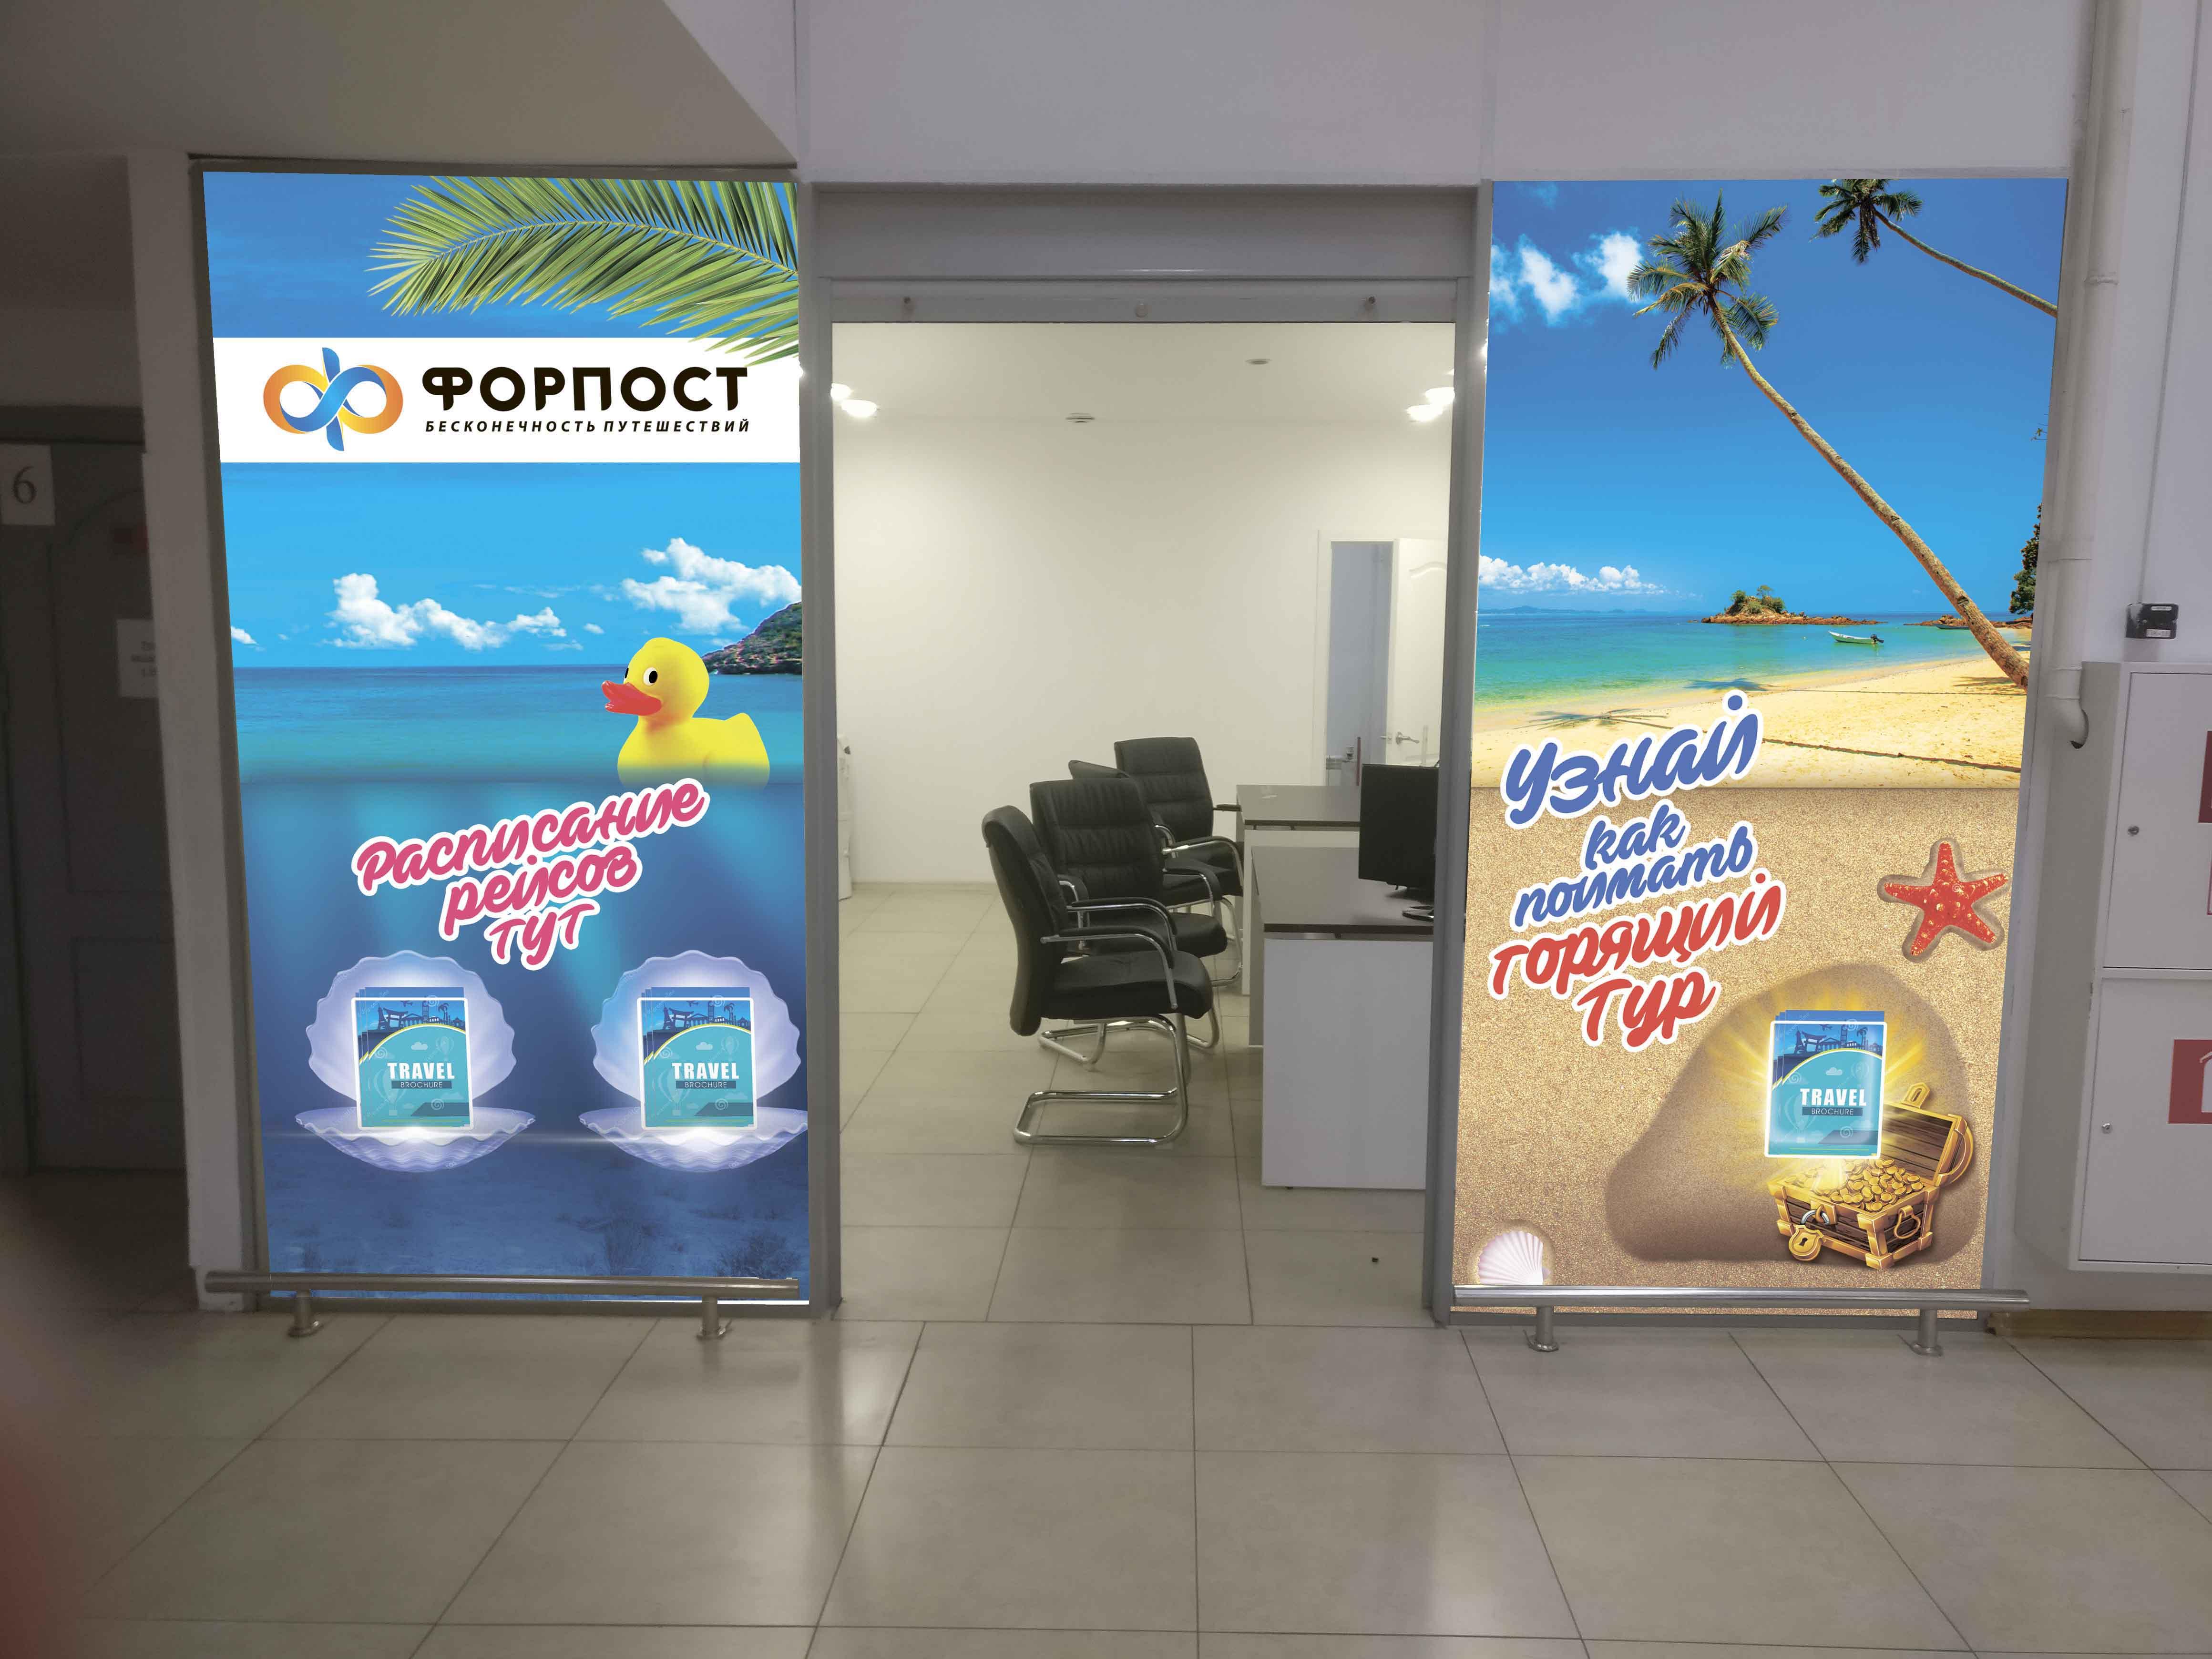 Дизайн двух плакатов фото f_8285a0c3d5a19033.jpg